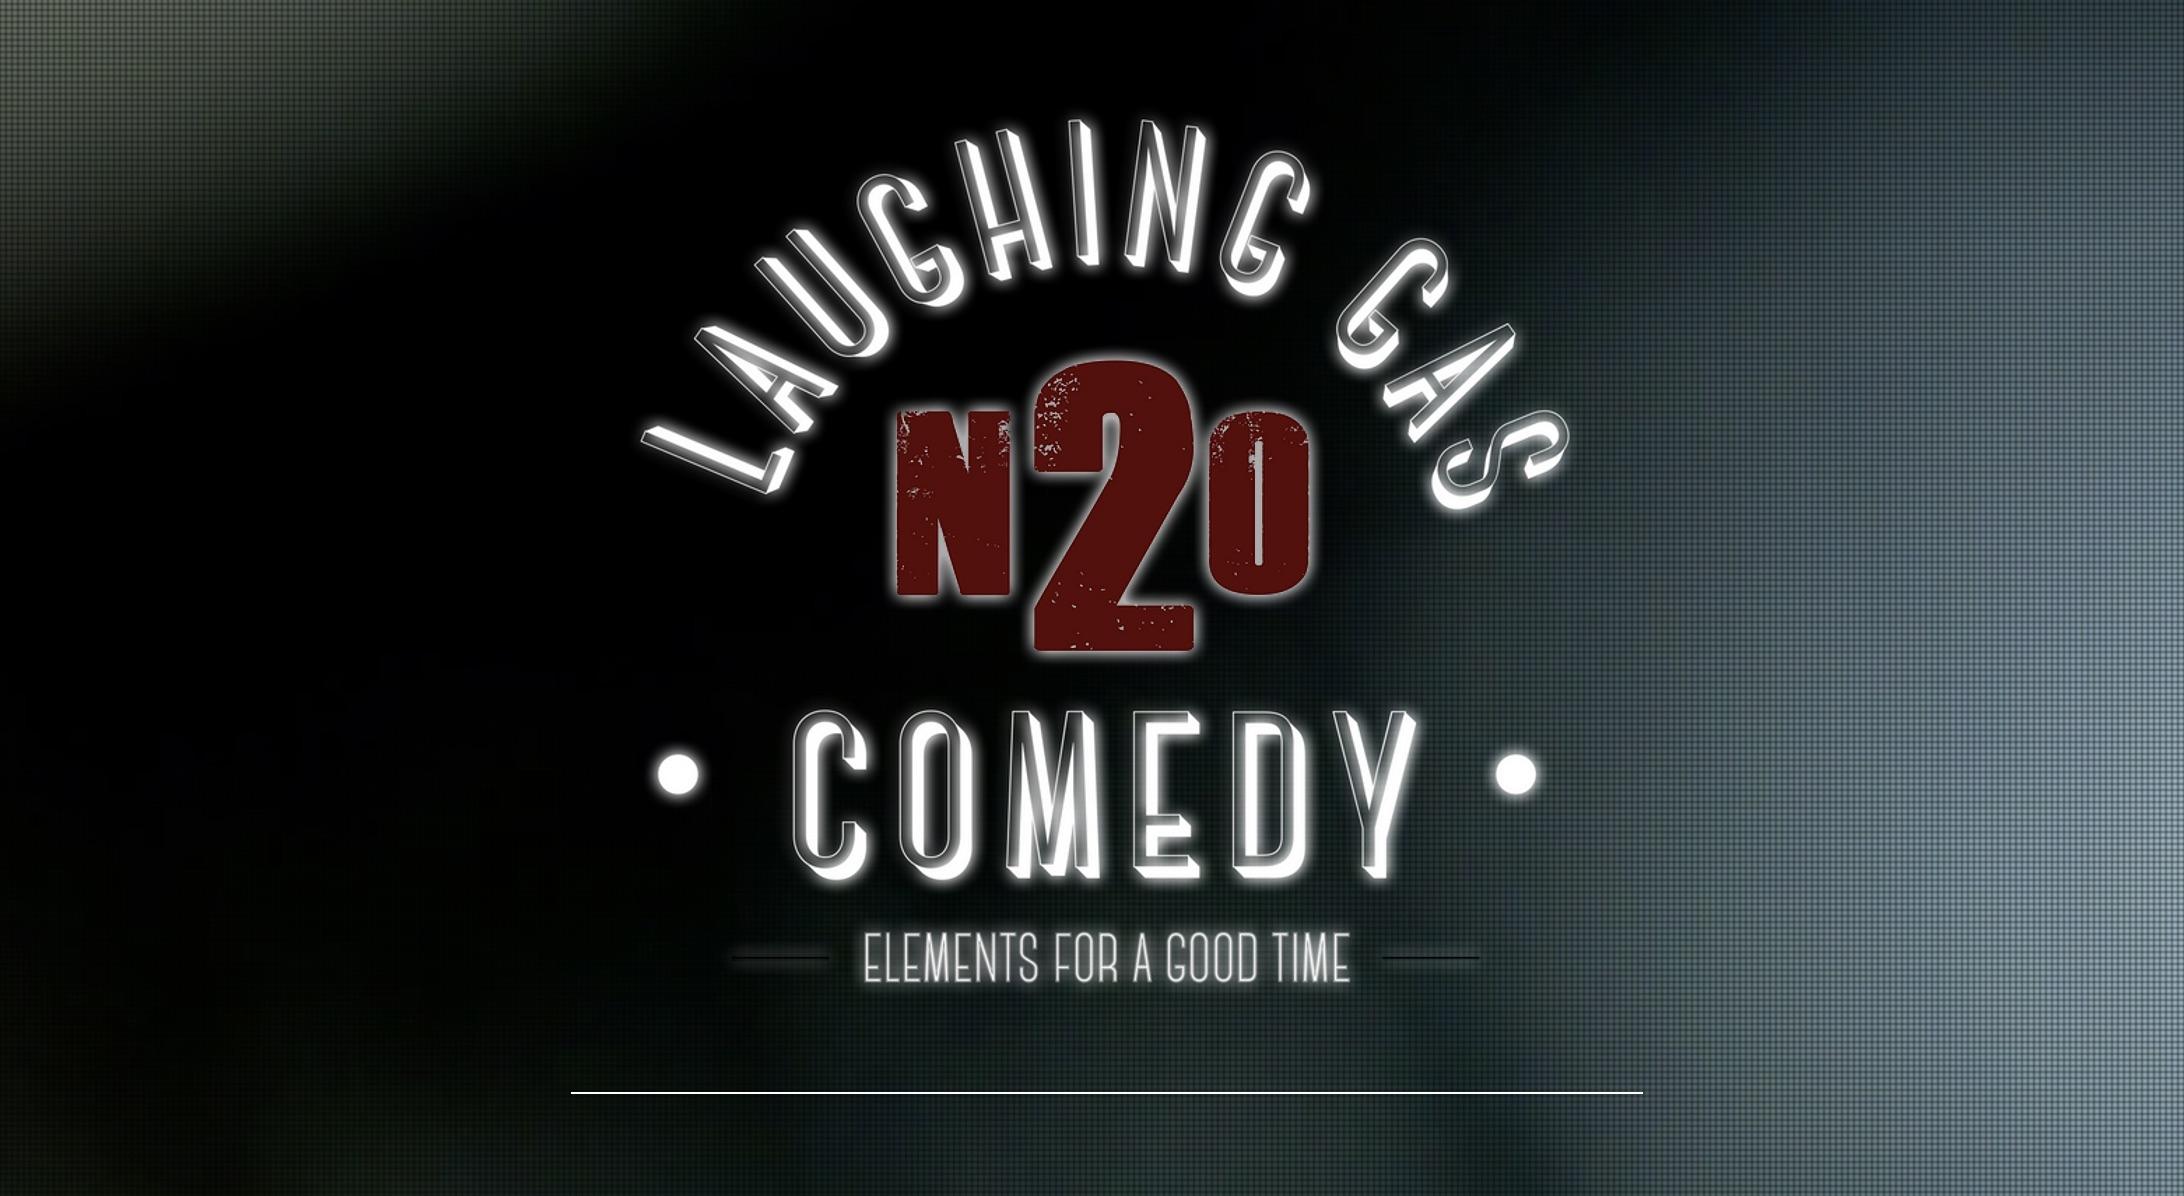 laughing gas comedy club logo